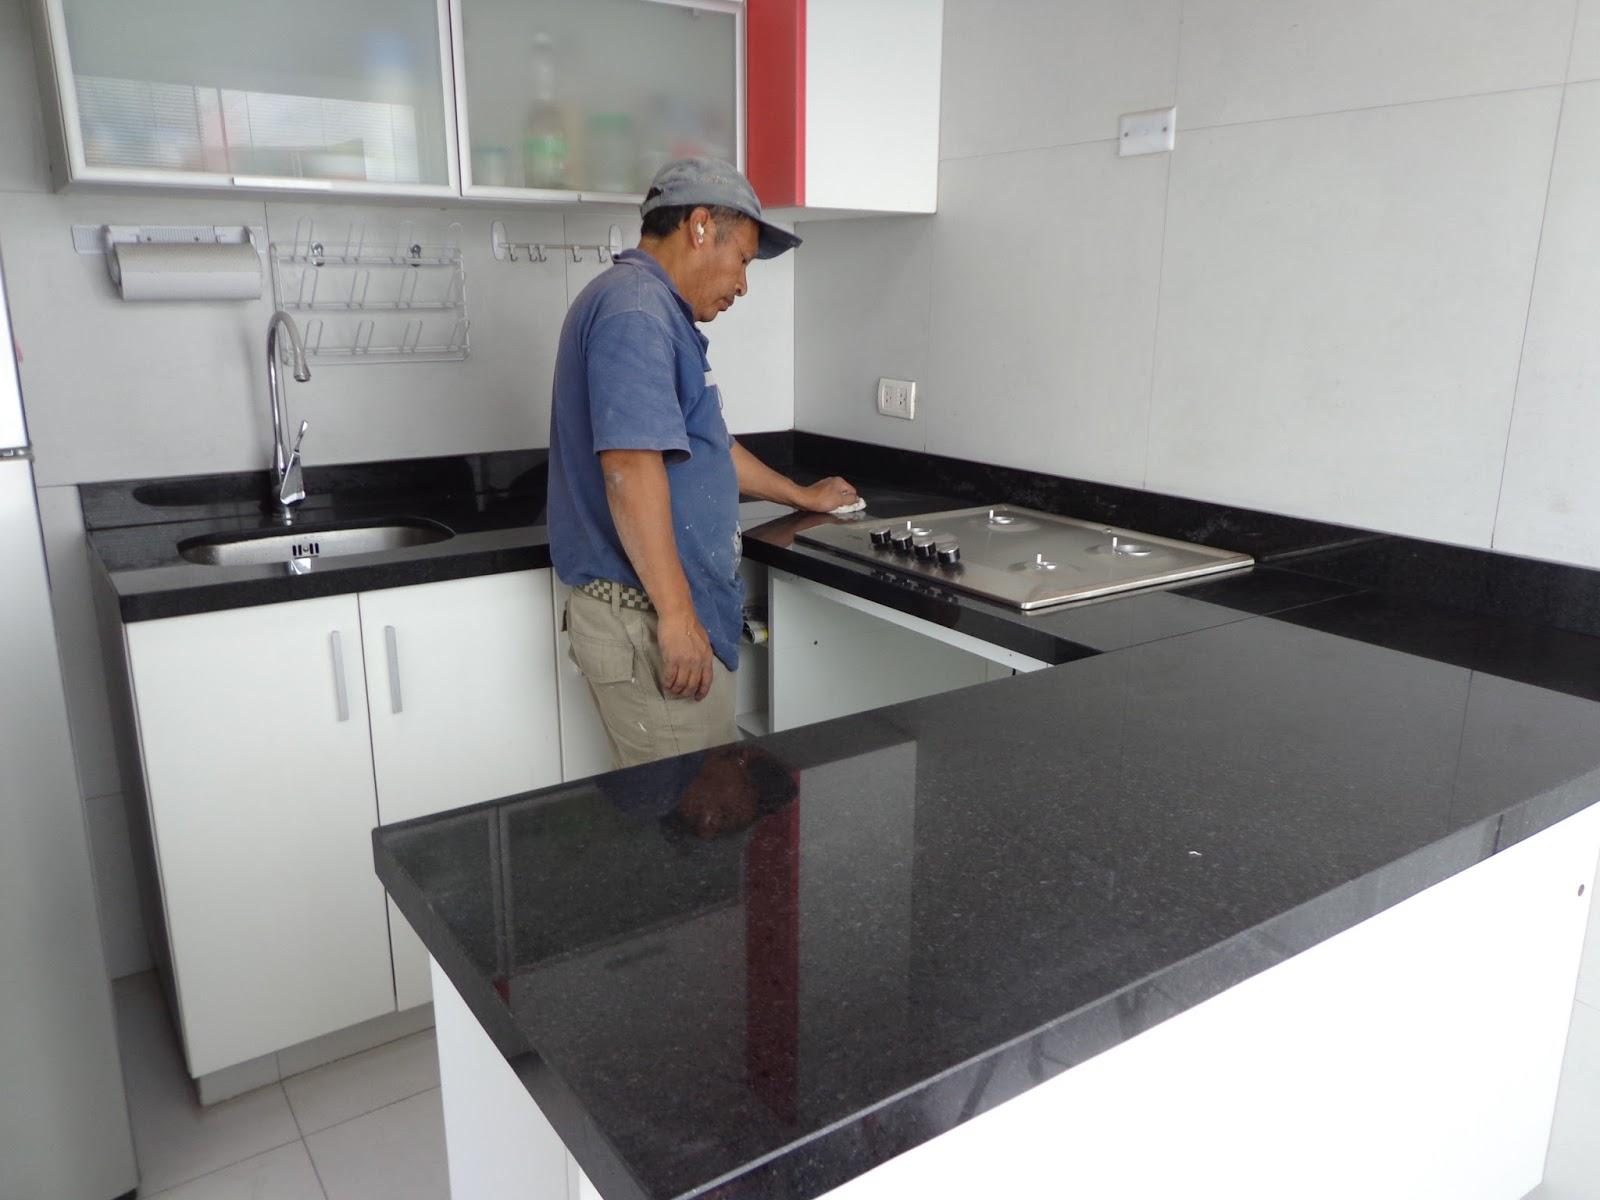 Cocinas vitroceramicas empotradas granito marmol lima cocinas vitroceramicas empotradas granito - Tableros de cocina ...